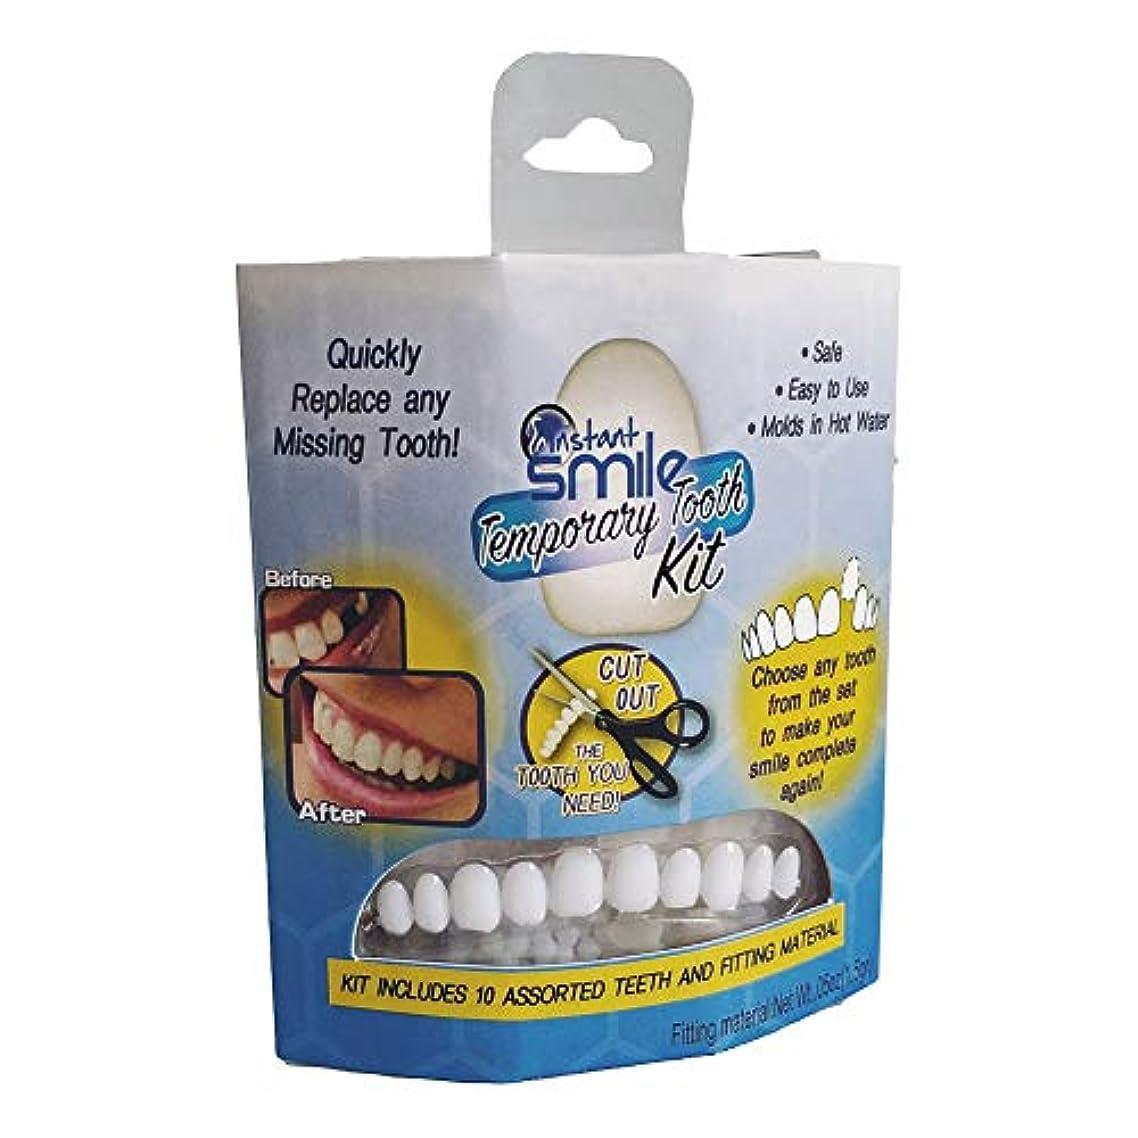 羽レーニン主義プロジェクターLITI 歯のソケット 美容義歯 入れ歯 歯のカバー テンポラリートゥースキット シリコーンのシミュレーションの歯科用義歯を白くする上下の歯の模擬装具 歯ホワイトニング 義歯貼り付け偽歯アッパー化粧品突き板